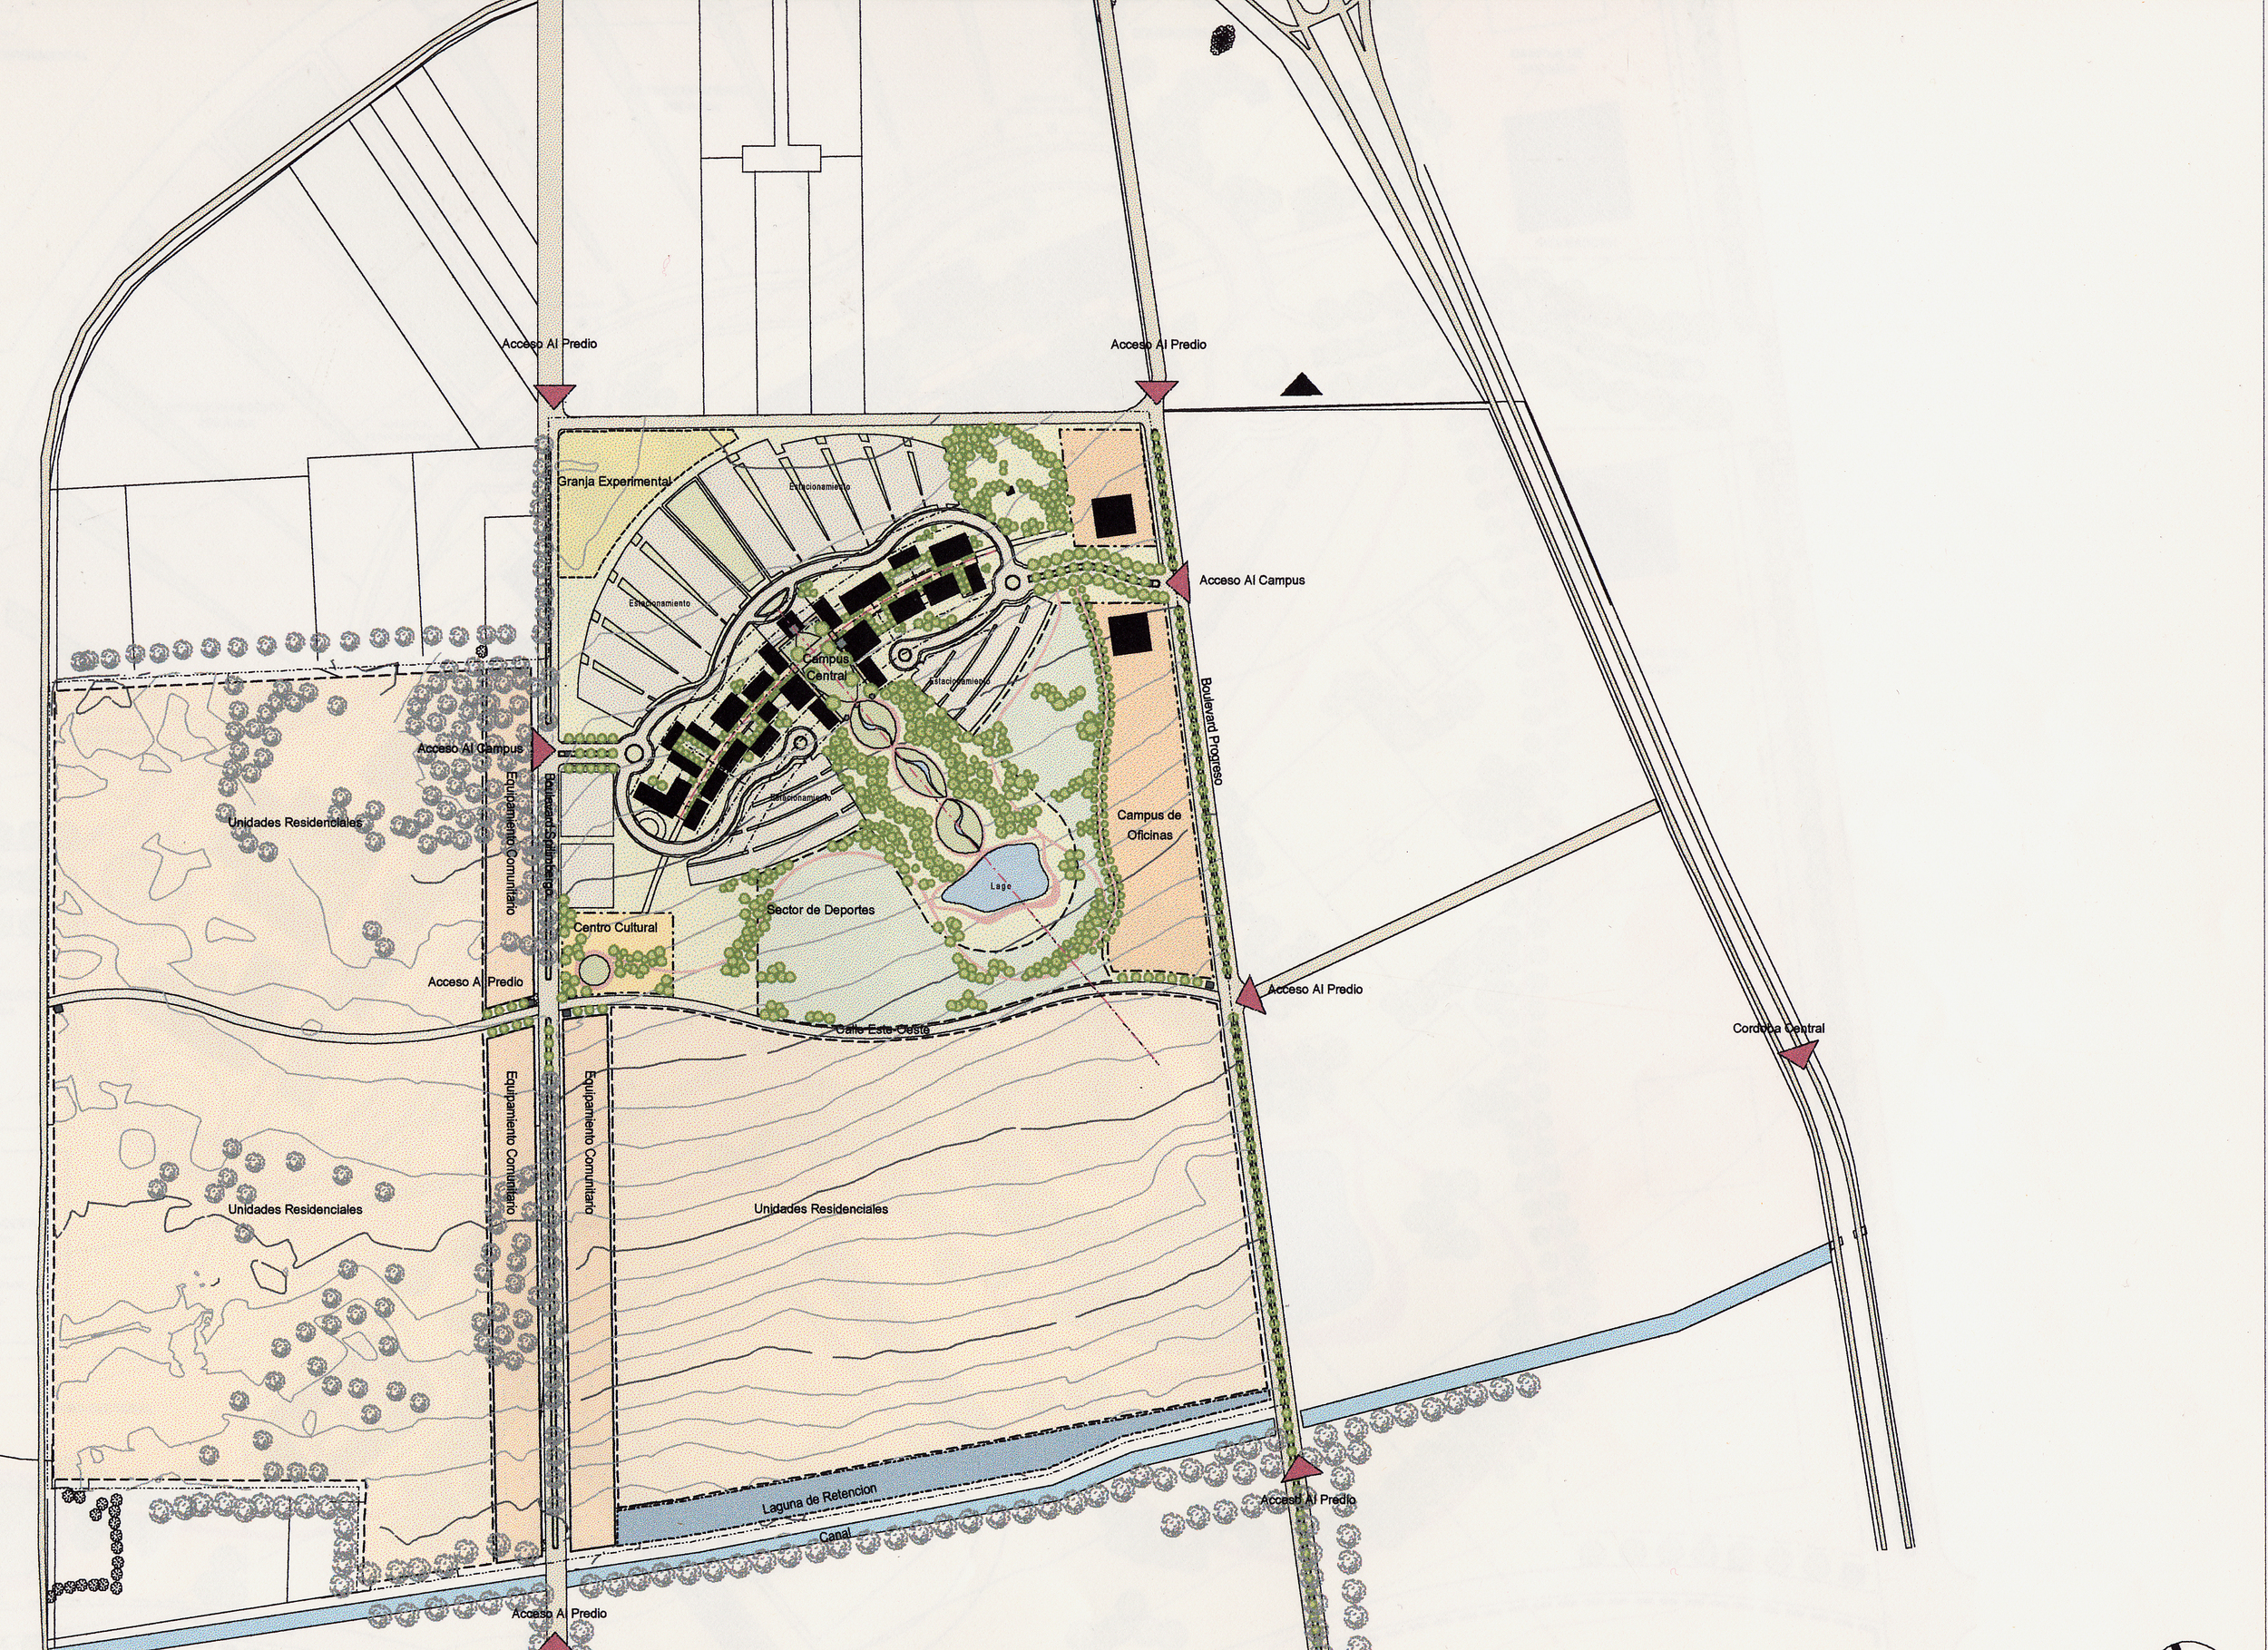 BA_Universidad Siglo 21_General Plan.jpg